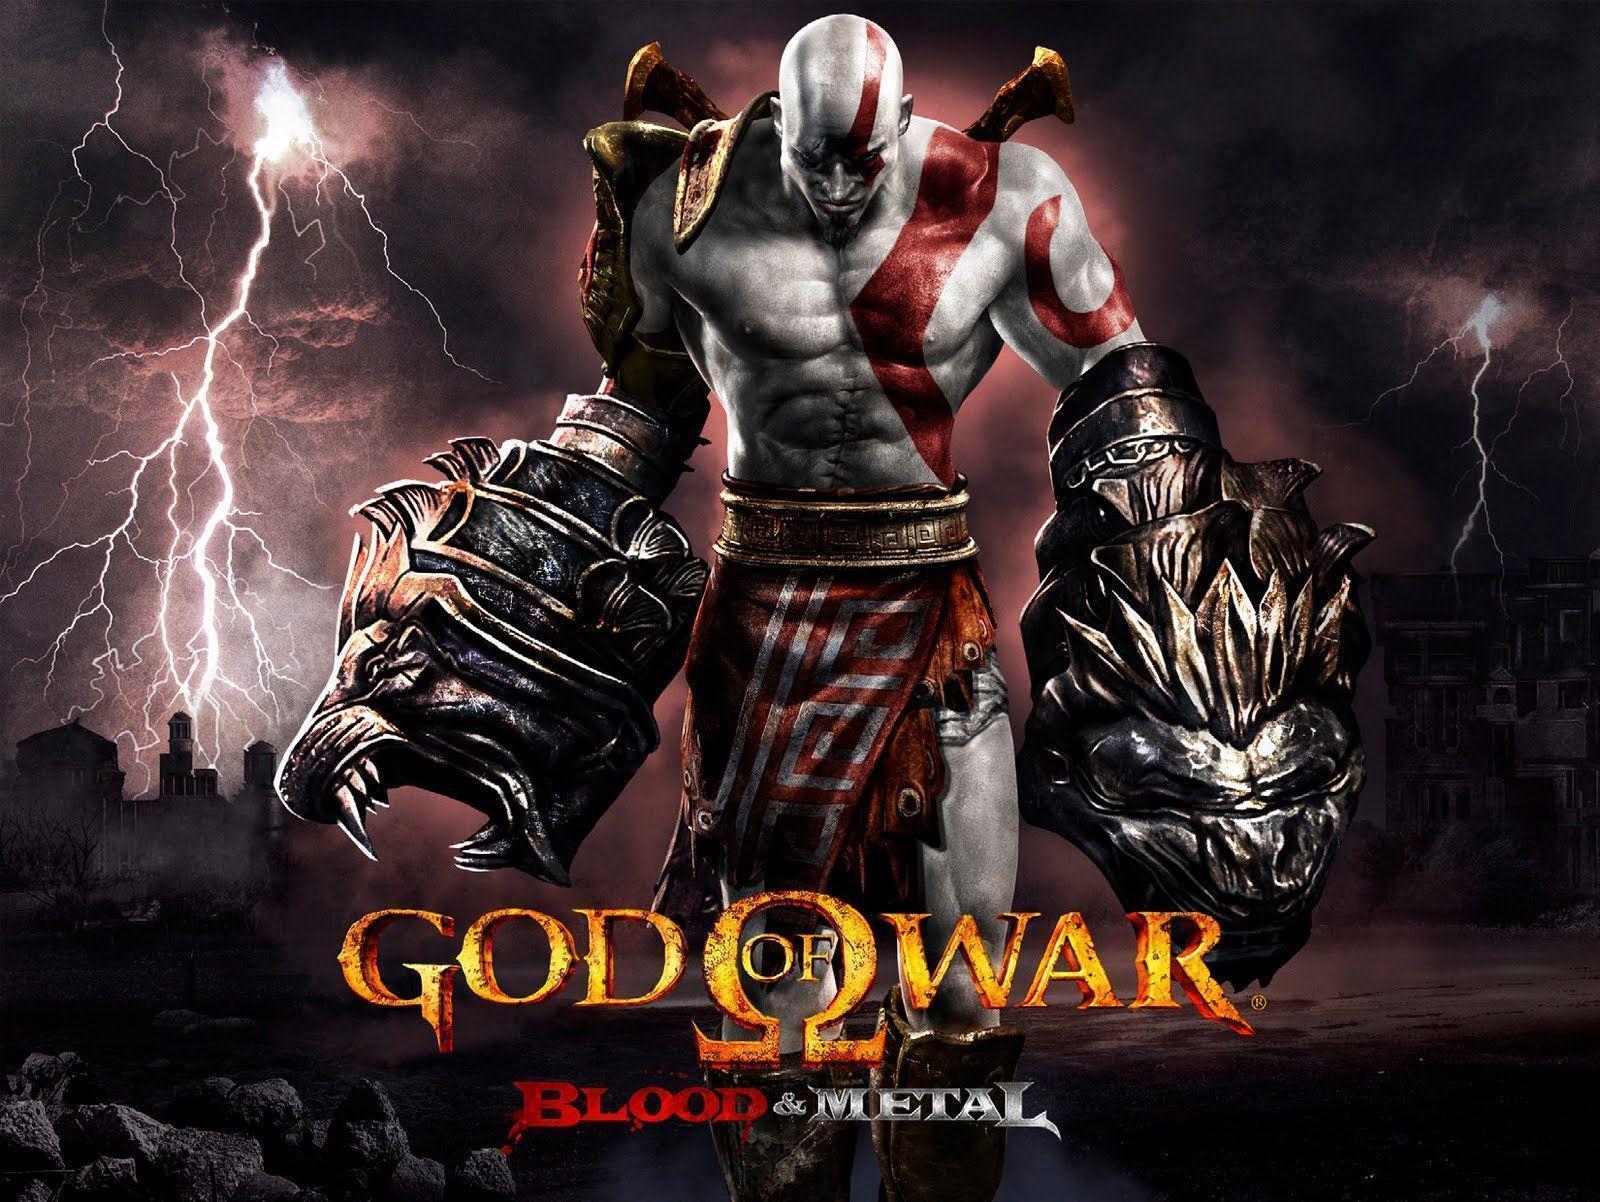 God of War 4 Wallpaper Pics [663] - HD Wallpaper Backgrounds